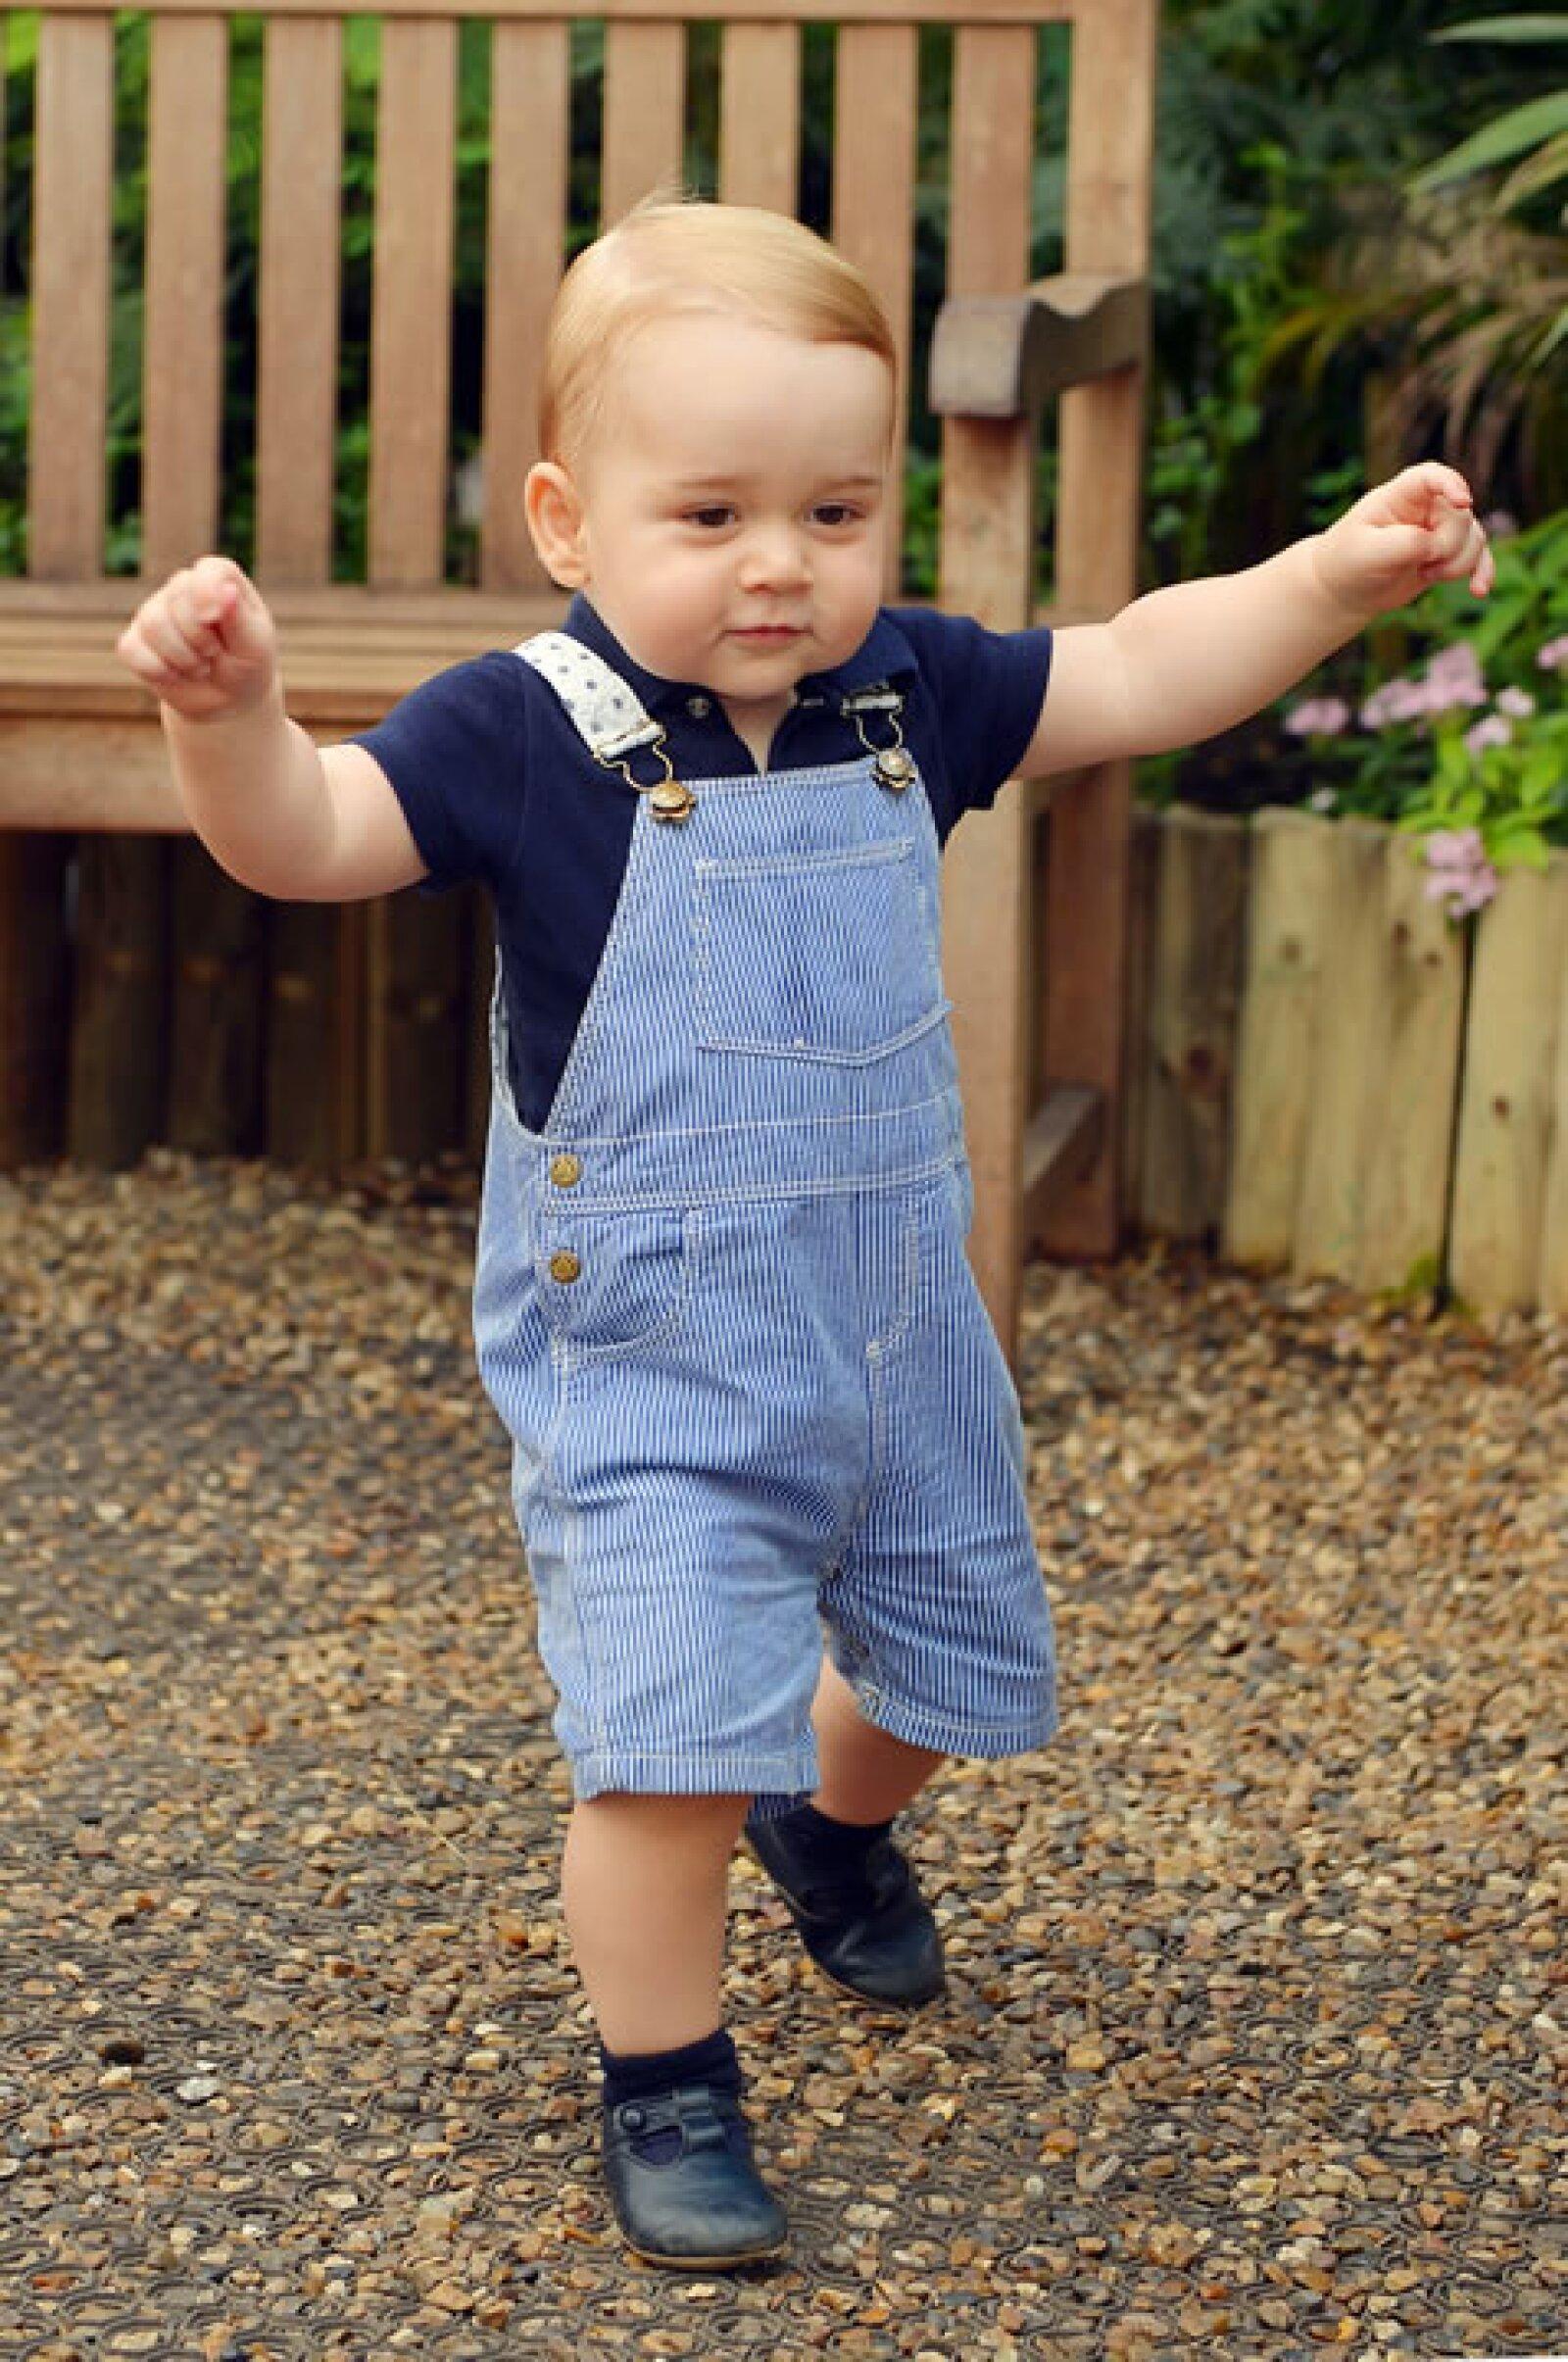 Con motivo de su primer cumpleaños se publicaron 3 fotos del príncipe, esta es una de ellas..